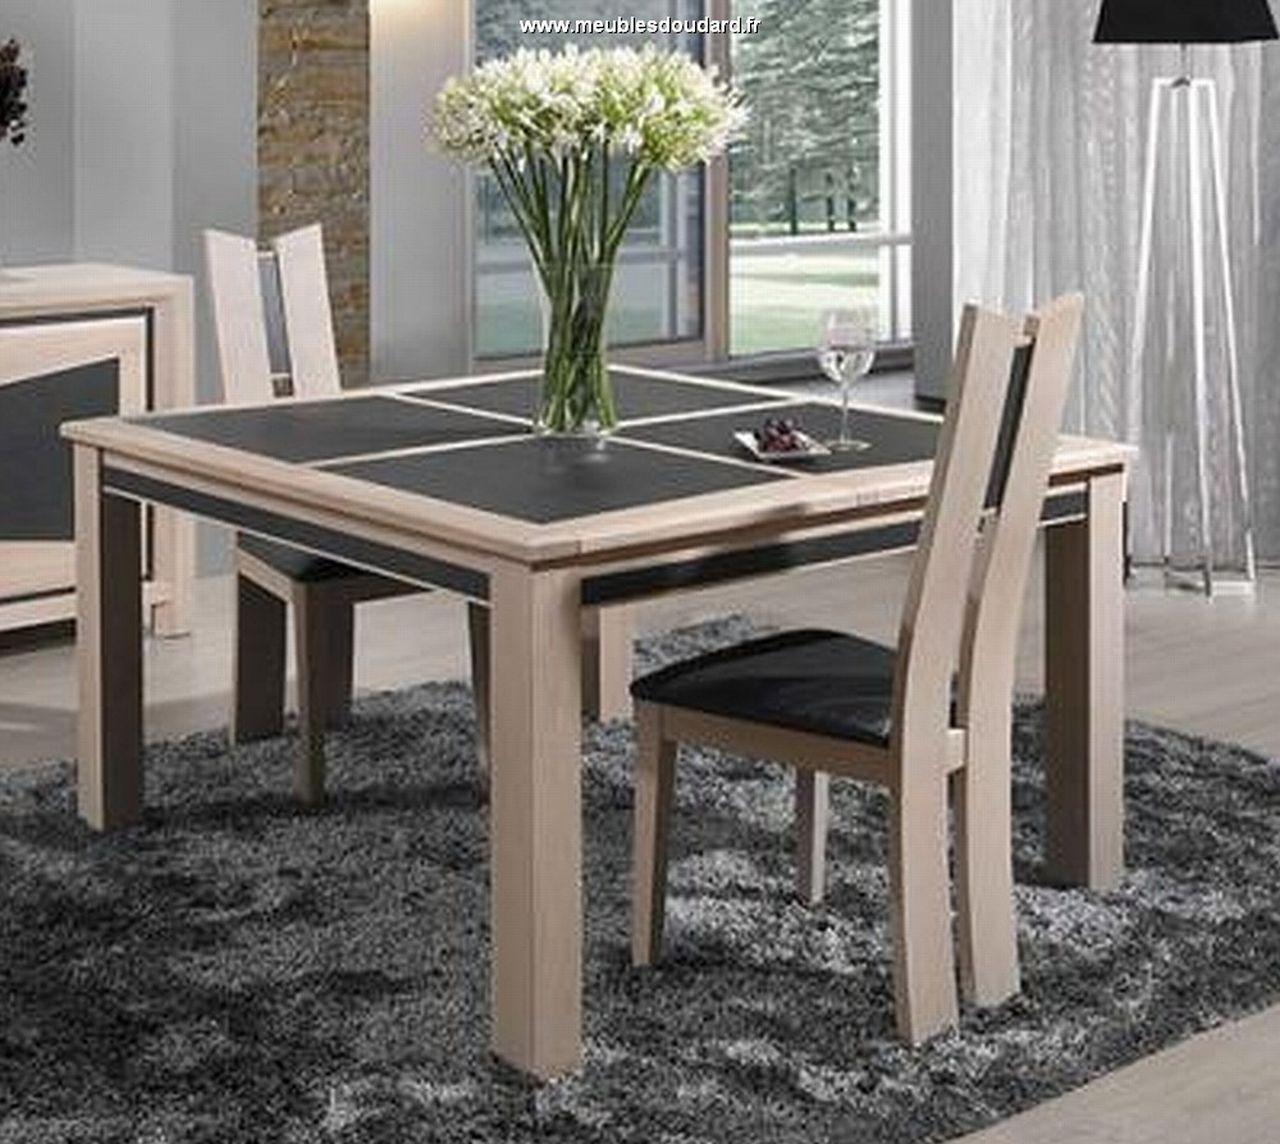 Table Carre Dessus Cramique